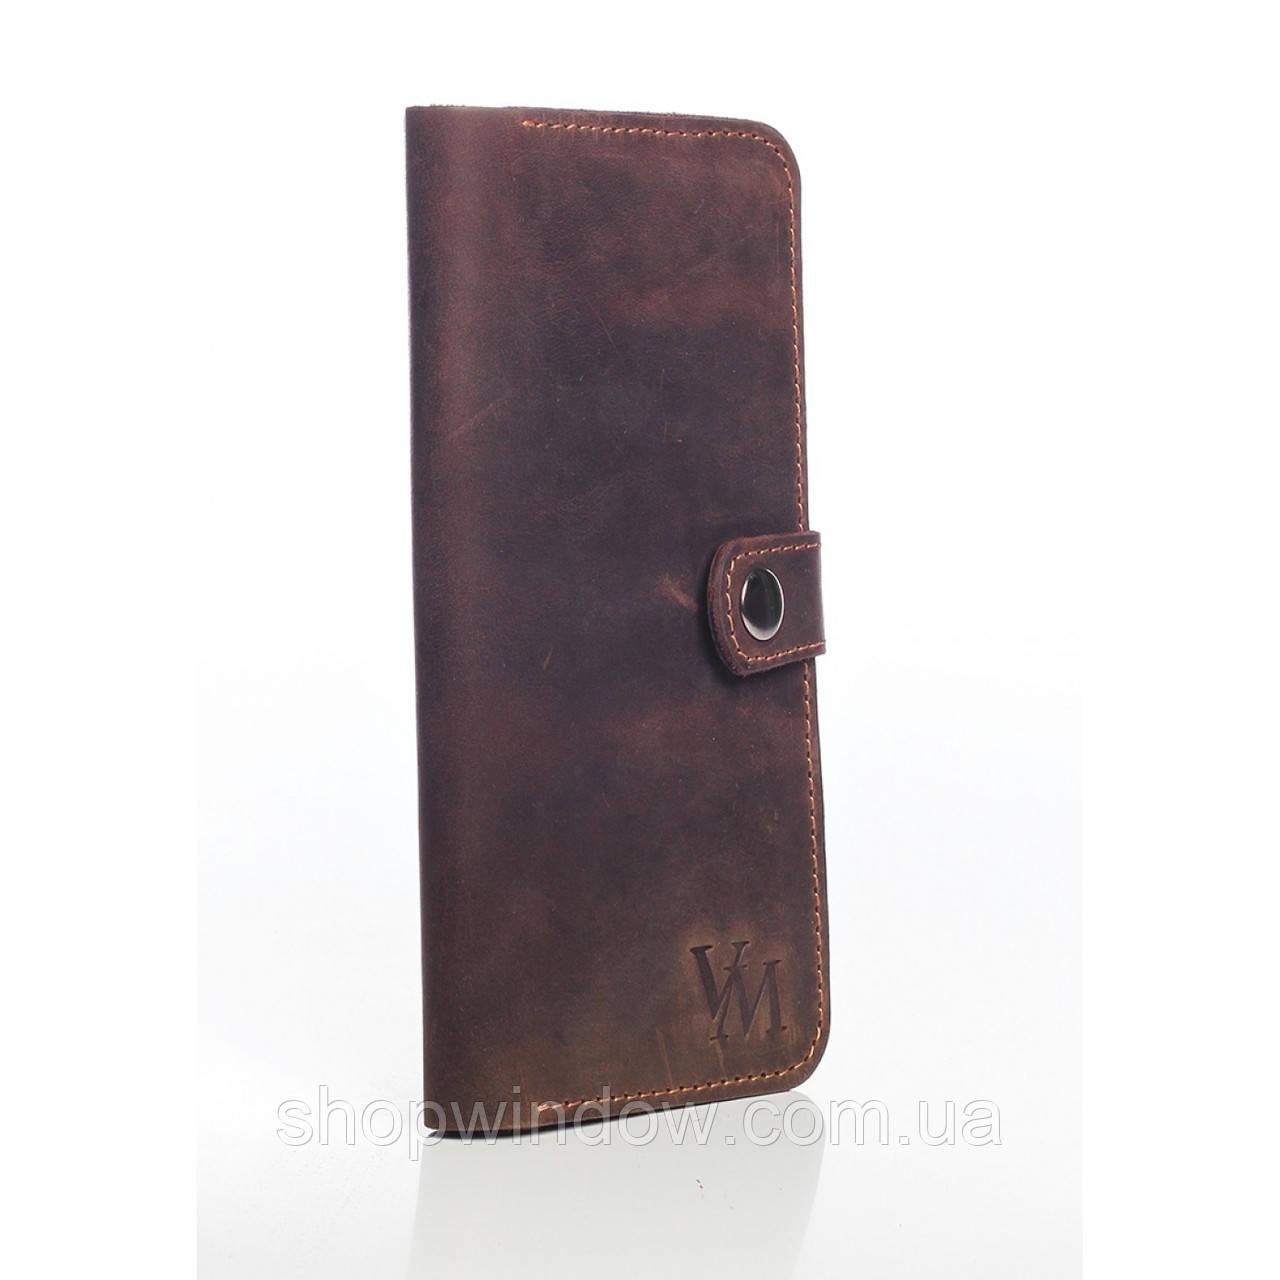 9155d80fadff Купить женские кошельки Кожаное портмоне. Модное портмоне. Стильный кошелёк.  Женские кошельки кожаные.